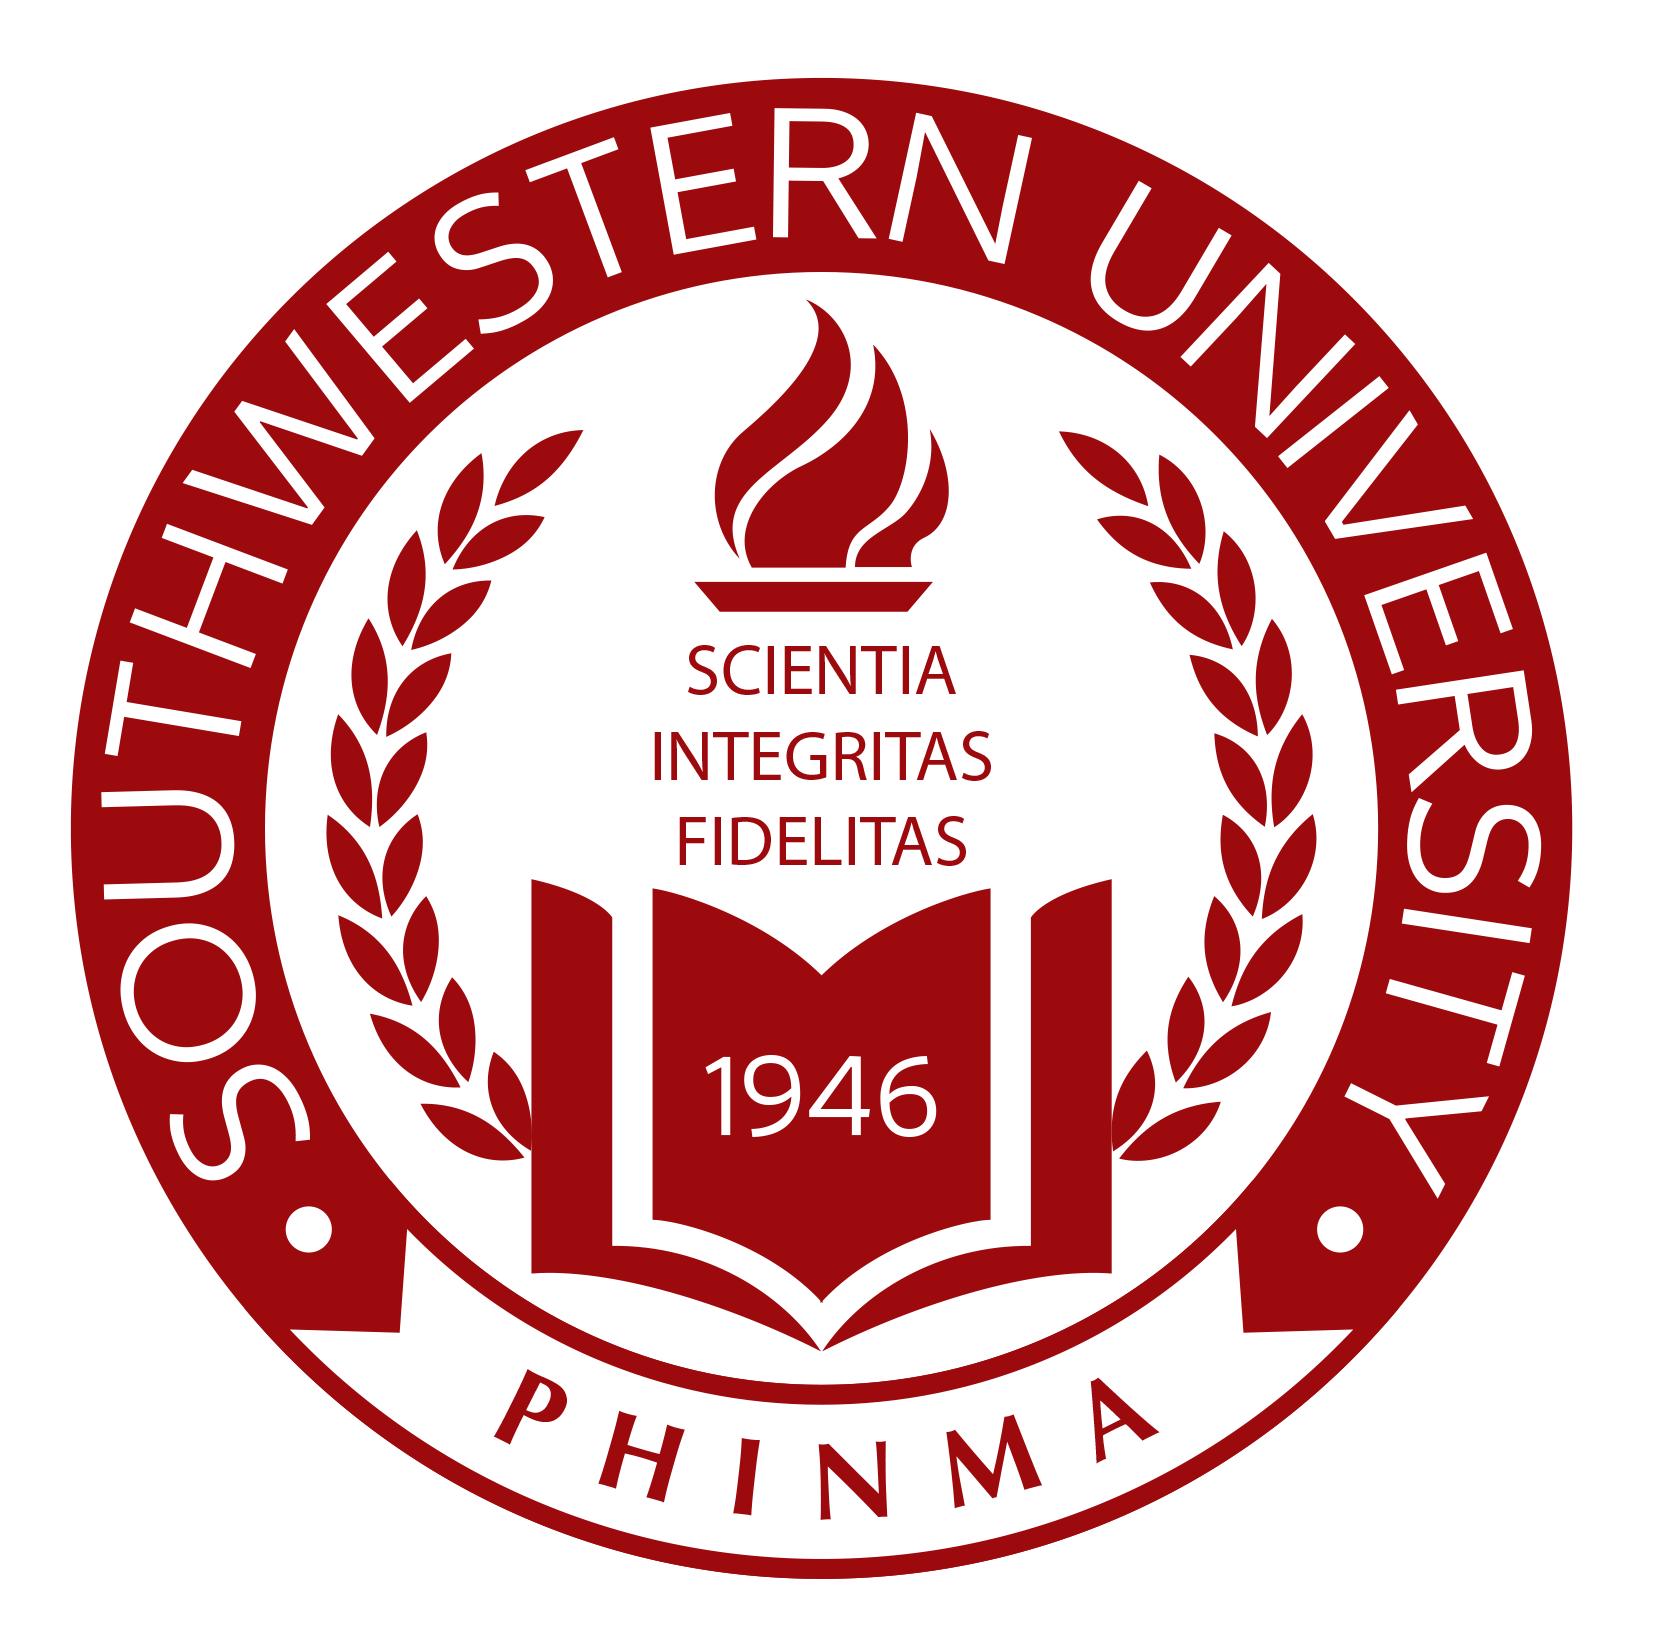 Southwestern University PHINMA Logo